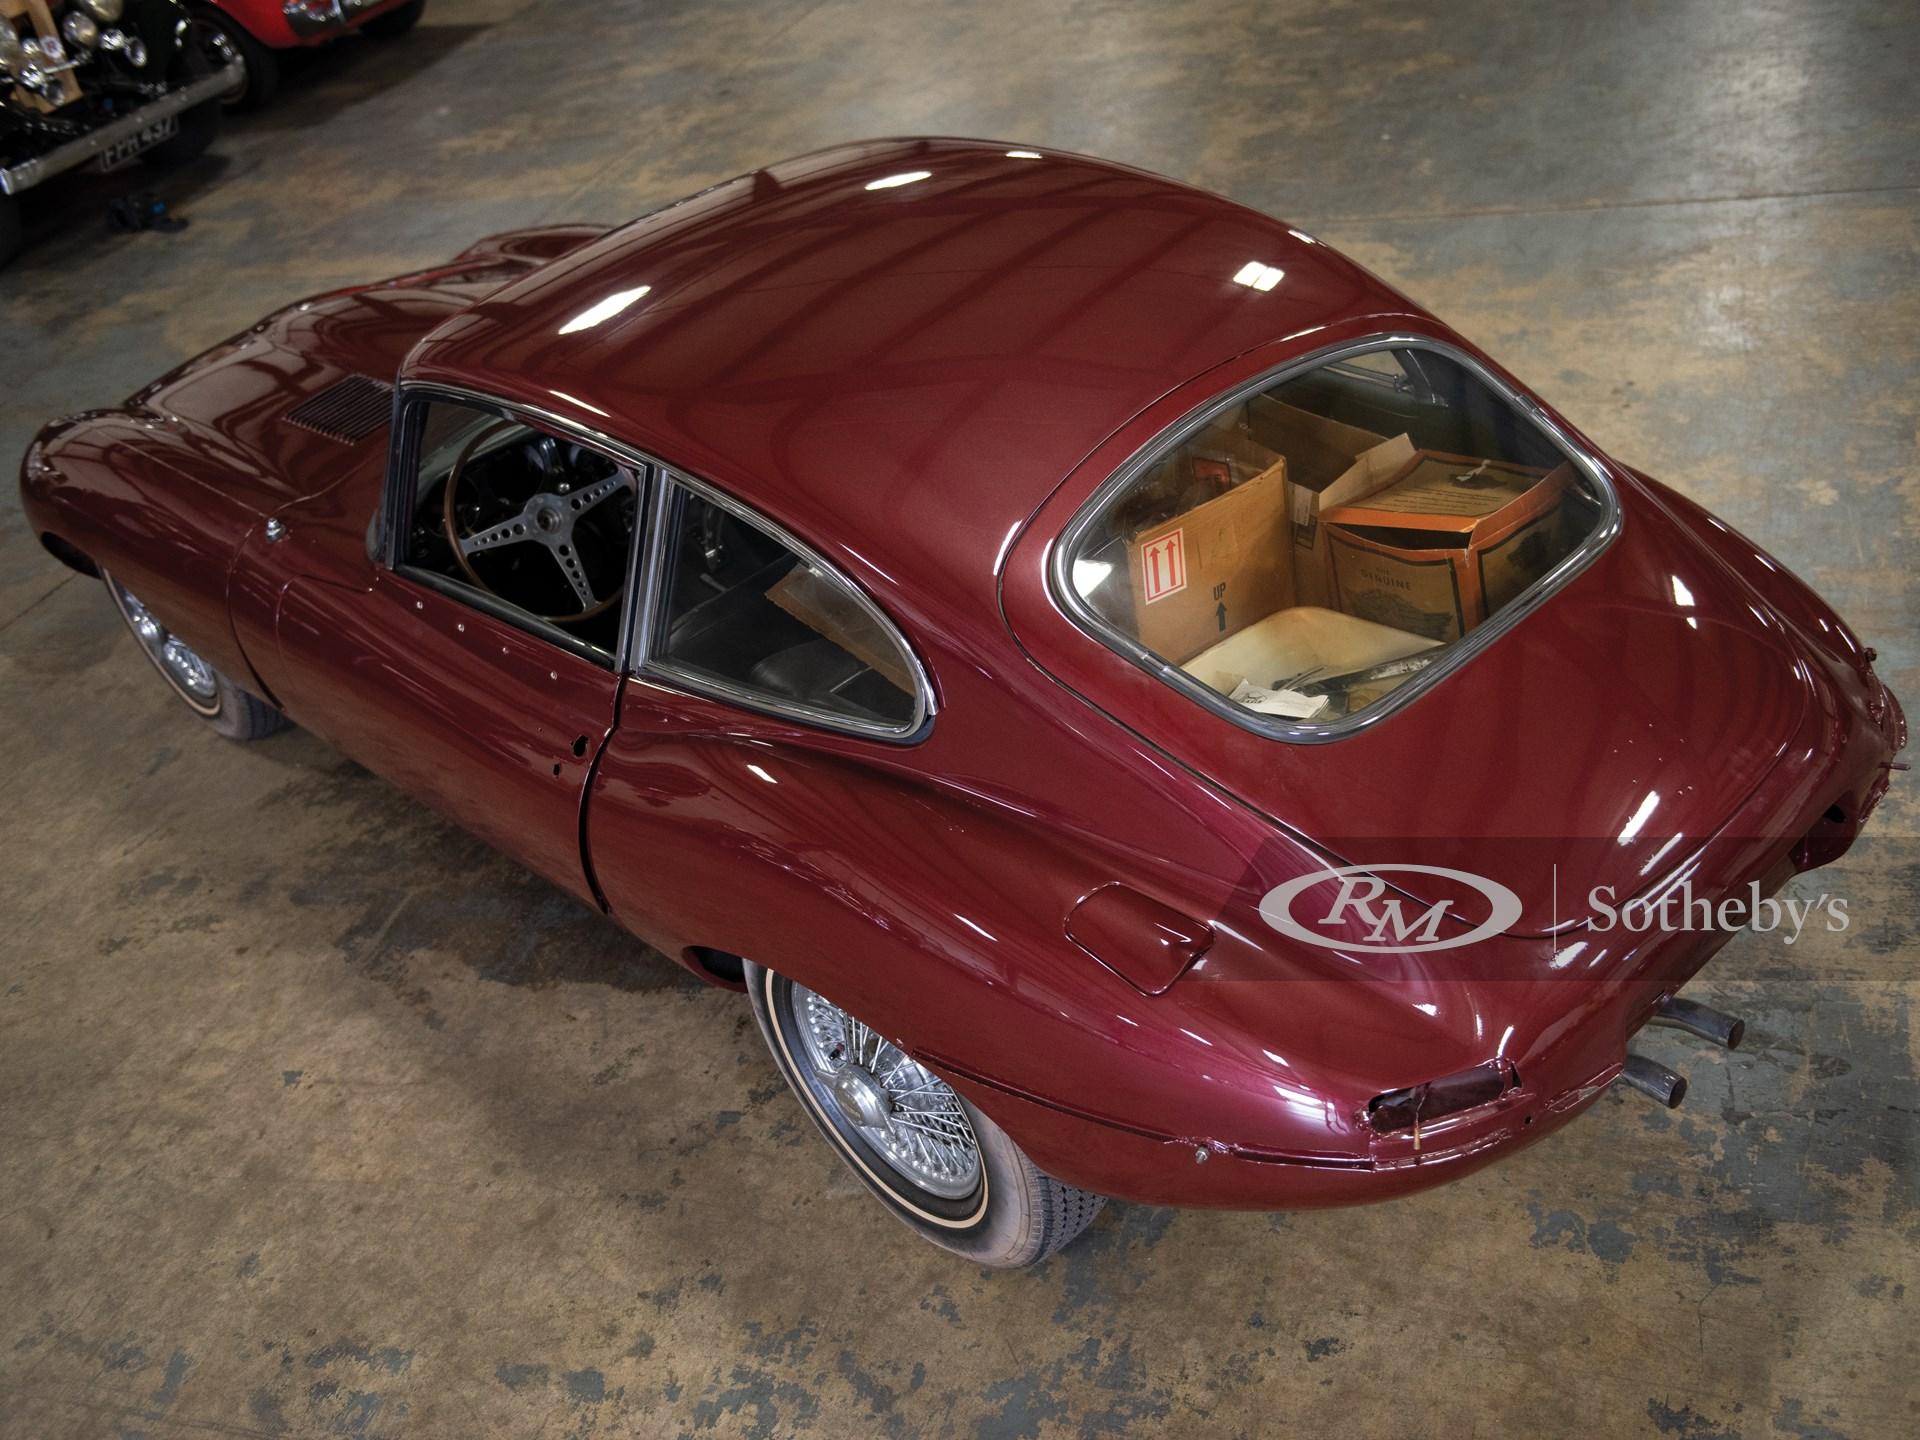 1967 Jaguar E-Type Series 1 4.2-Litre 2+2 Project  -